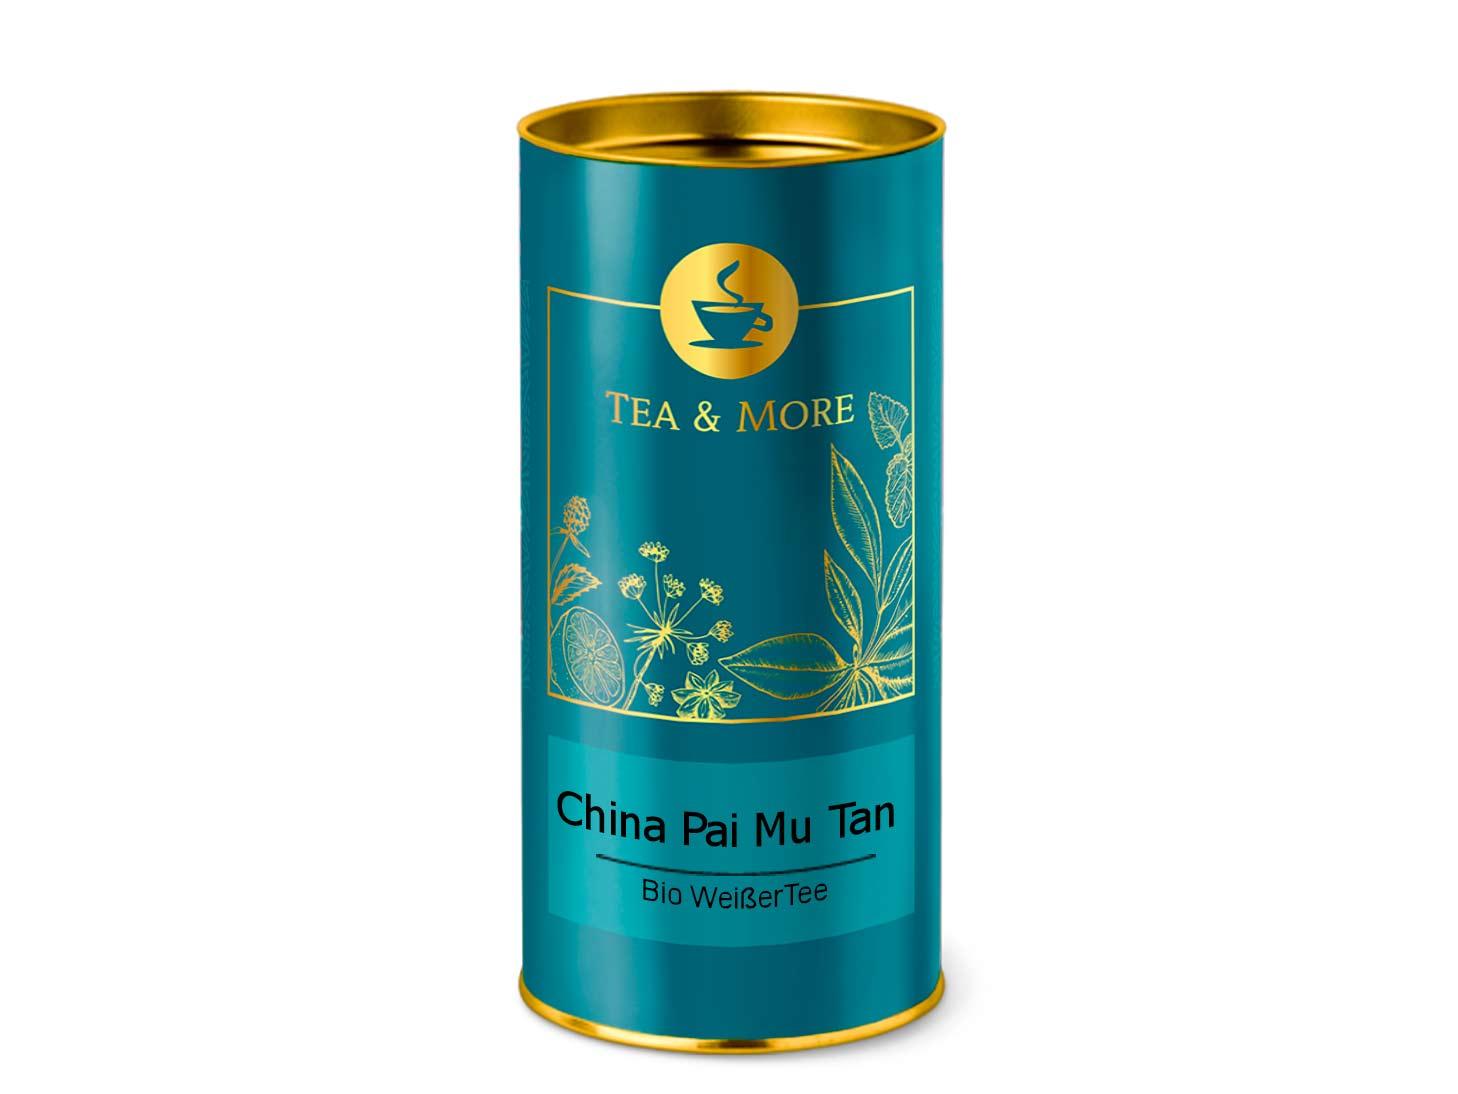 China Pai Mu Tan